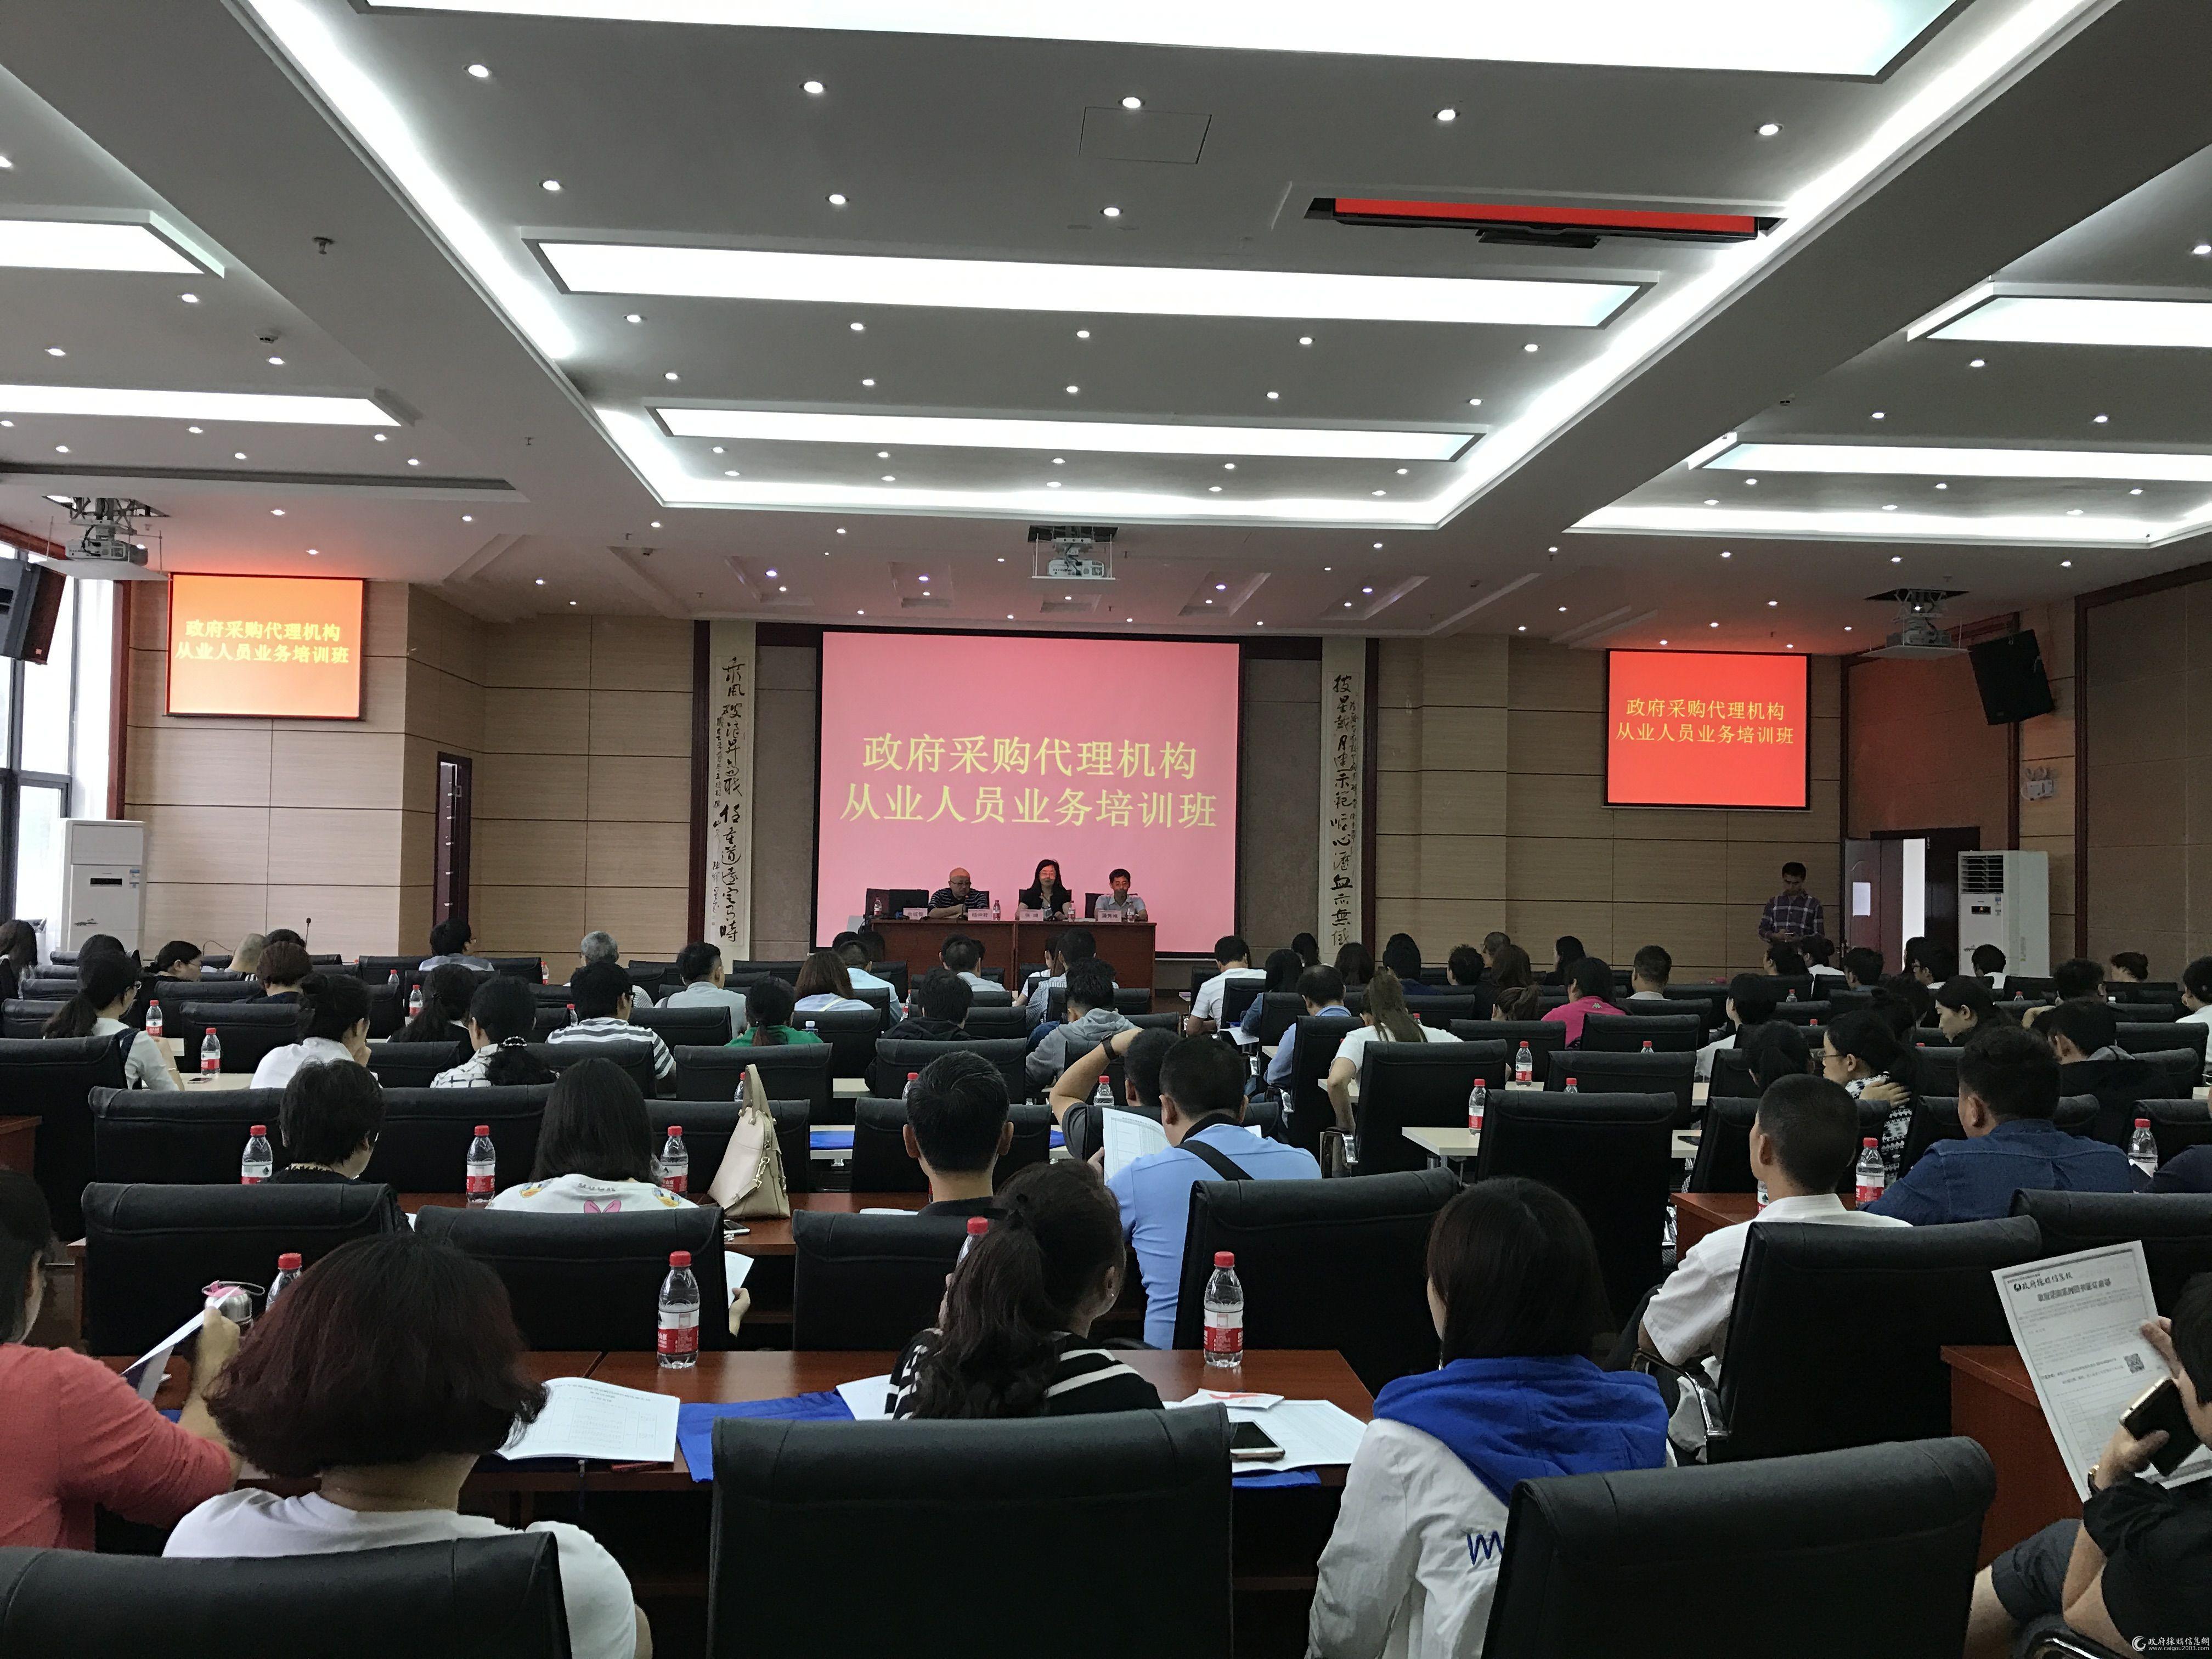 贵州全省代理机构培训 帮企业做精做优品牌